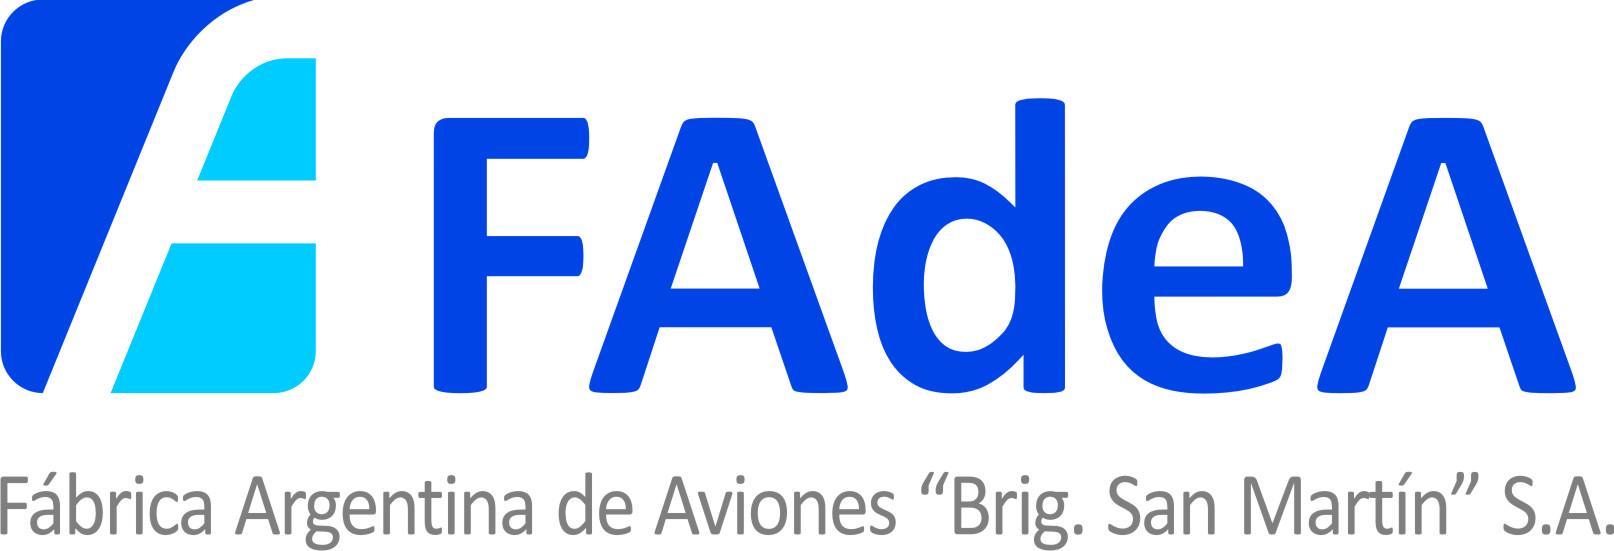 Resultado de la imagen para el logo de fadea